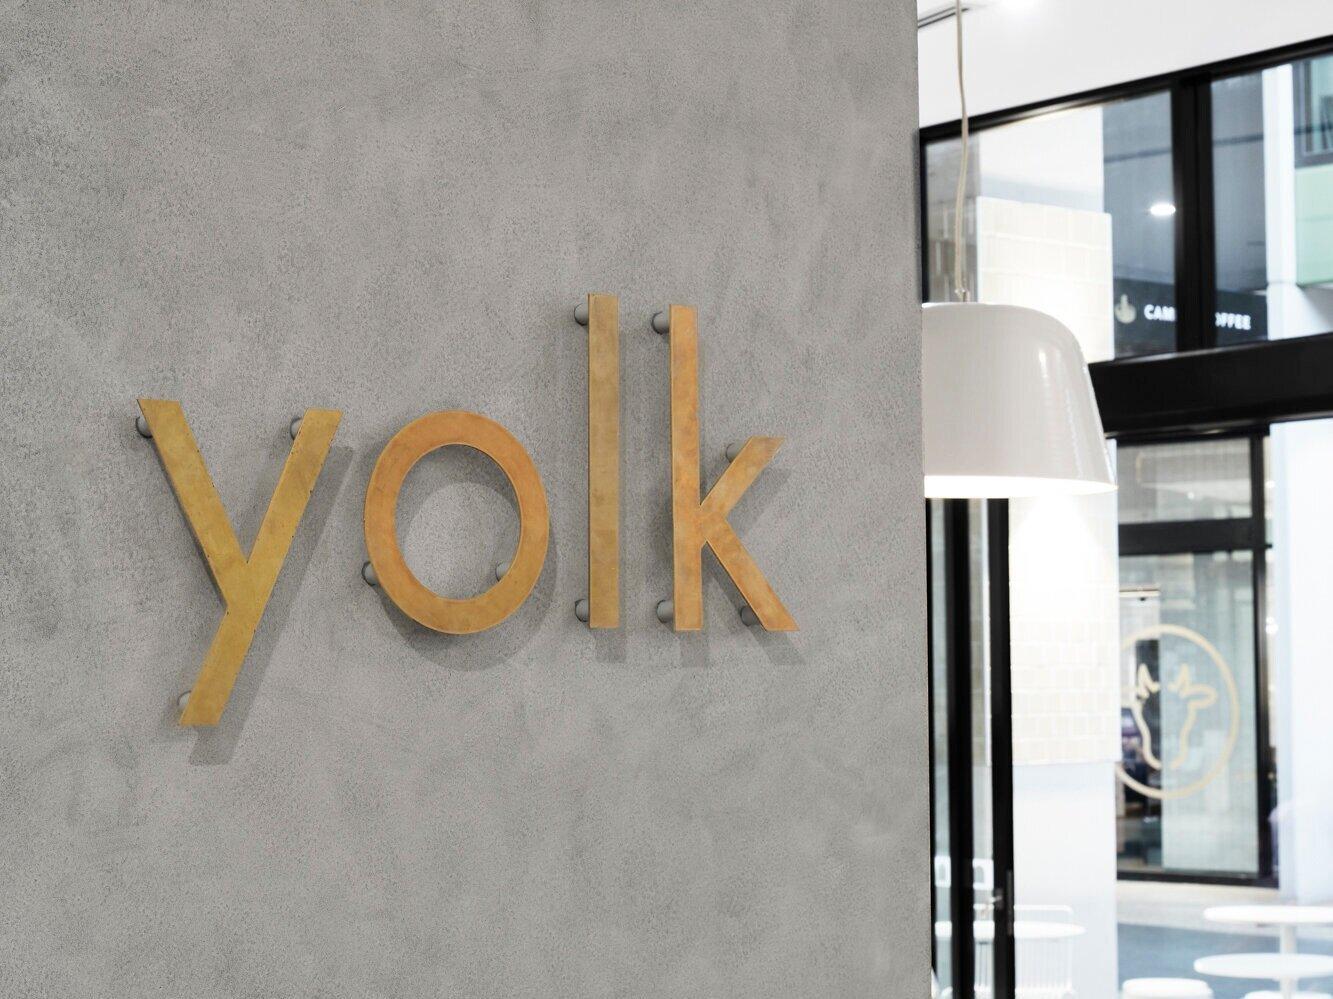 yolk_07.jpg